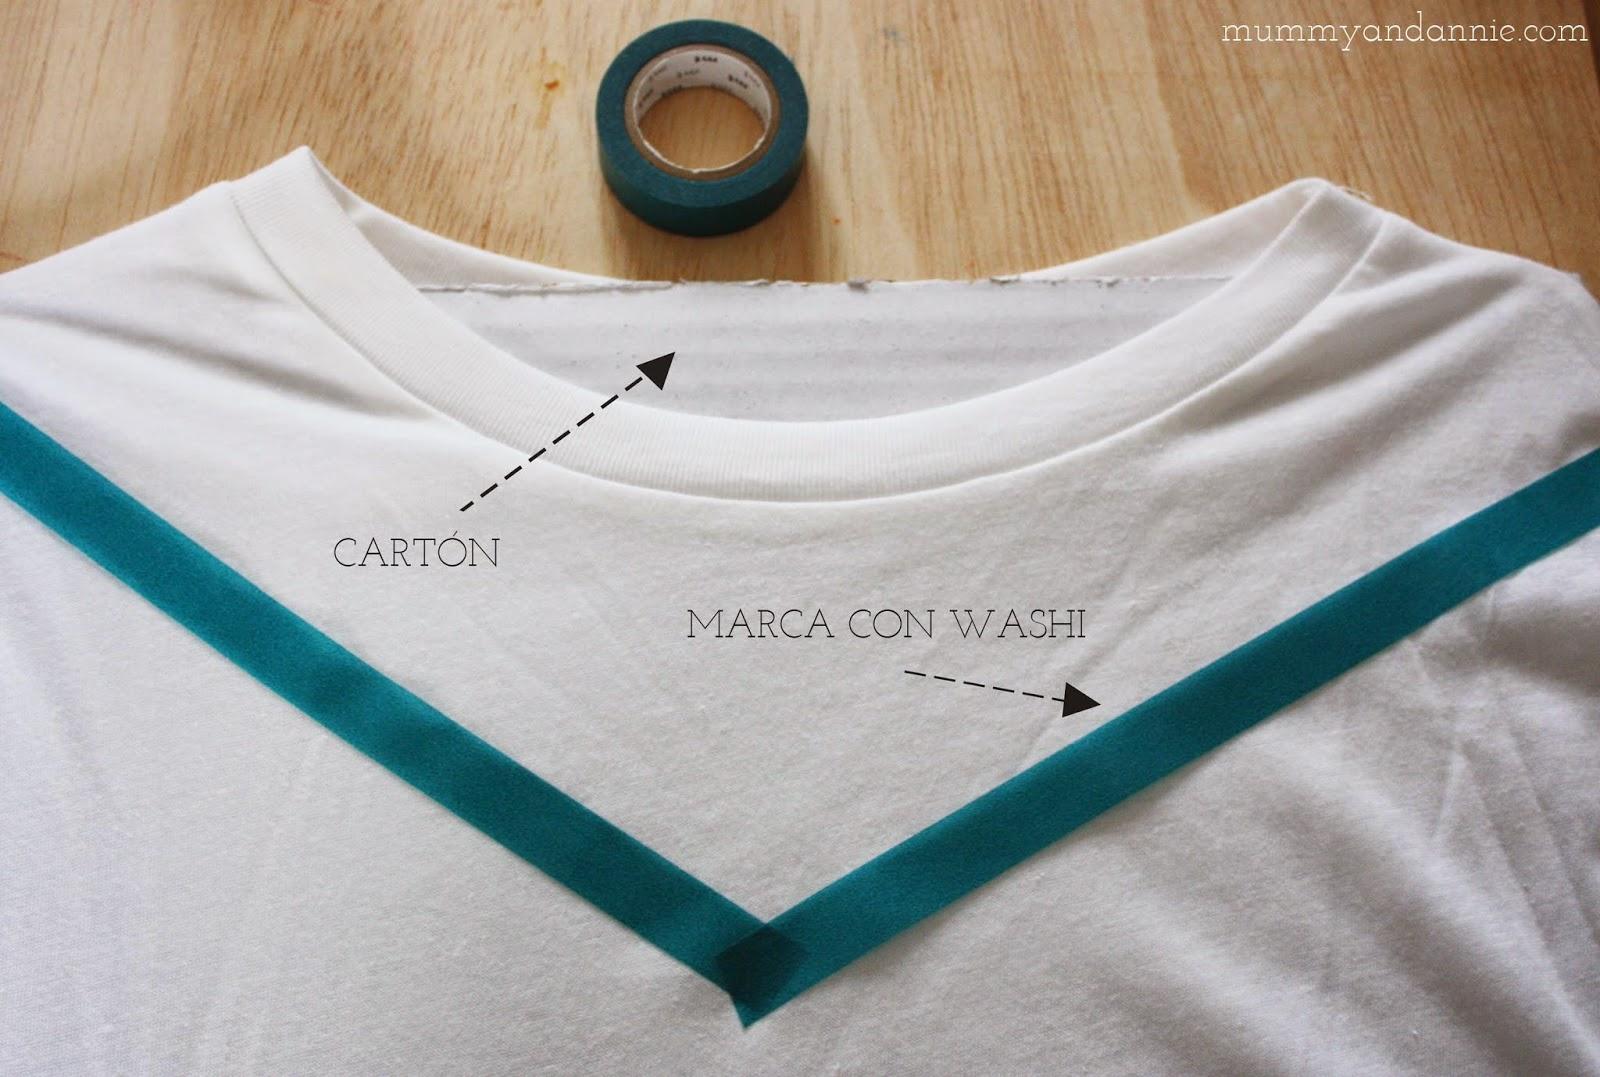 Diy estampado camiseta besos handbox craft lovers comunidad diy tutoriales diy kits diy - Estampar camisetas en casa ...